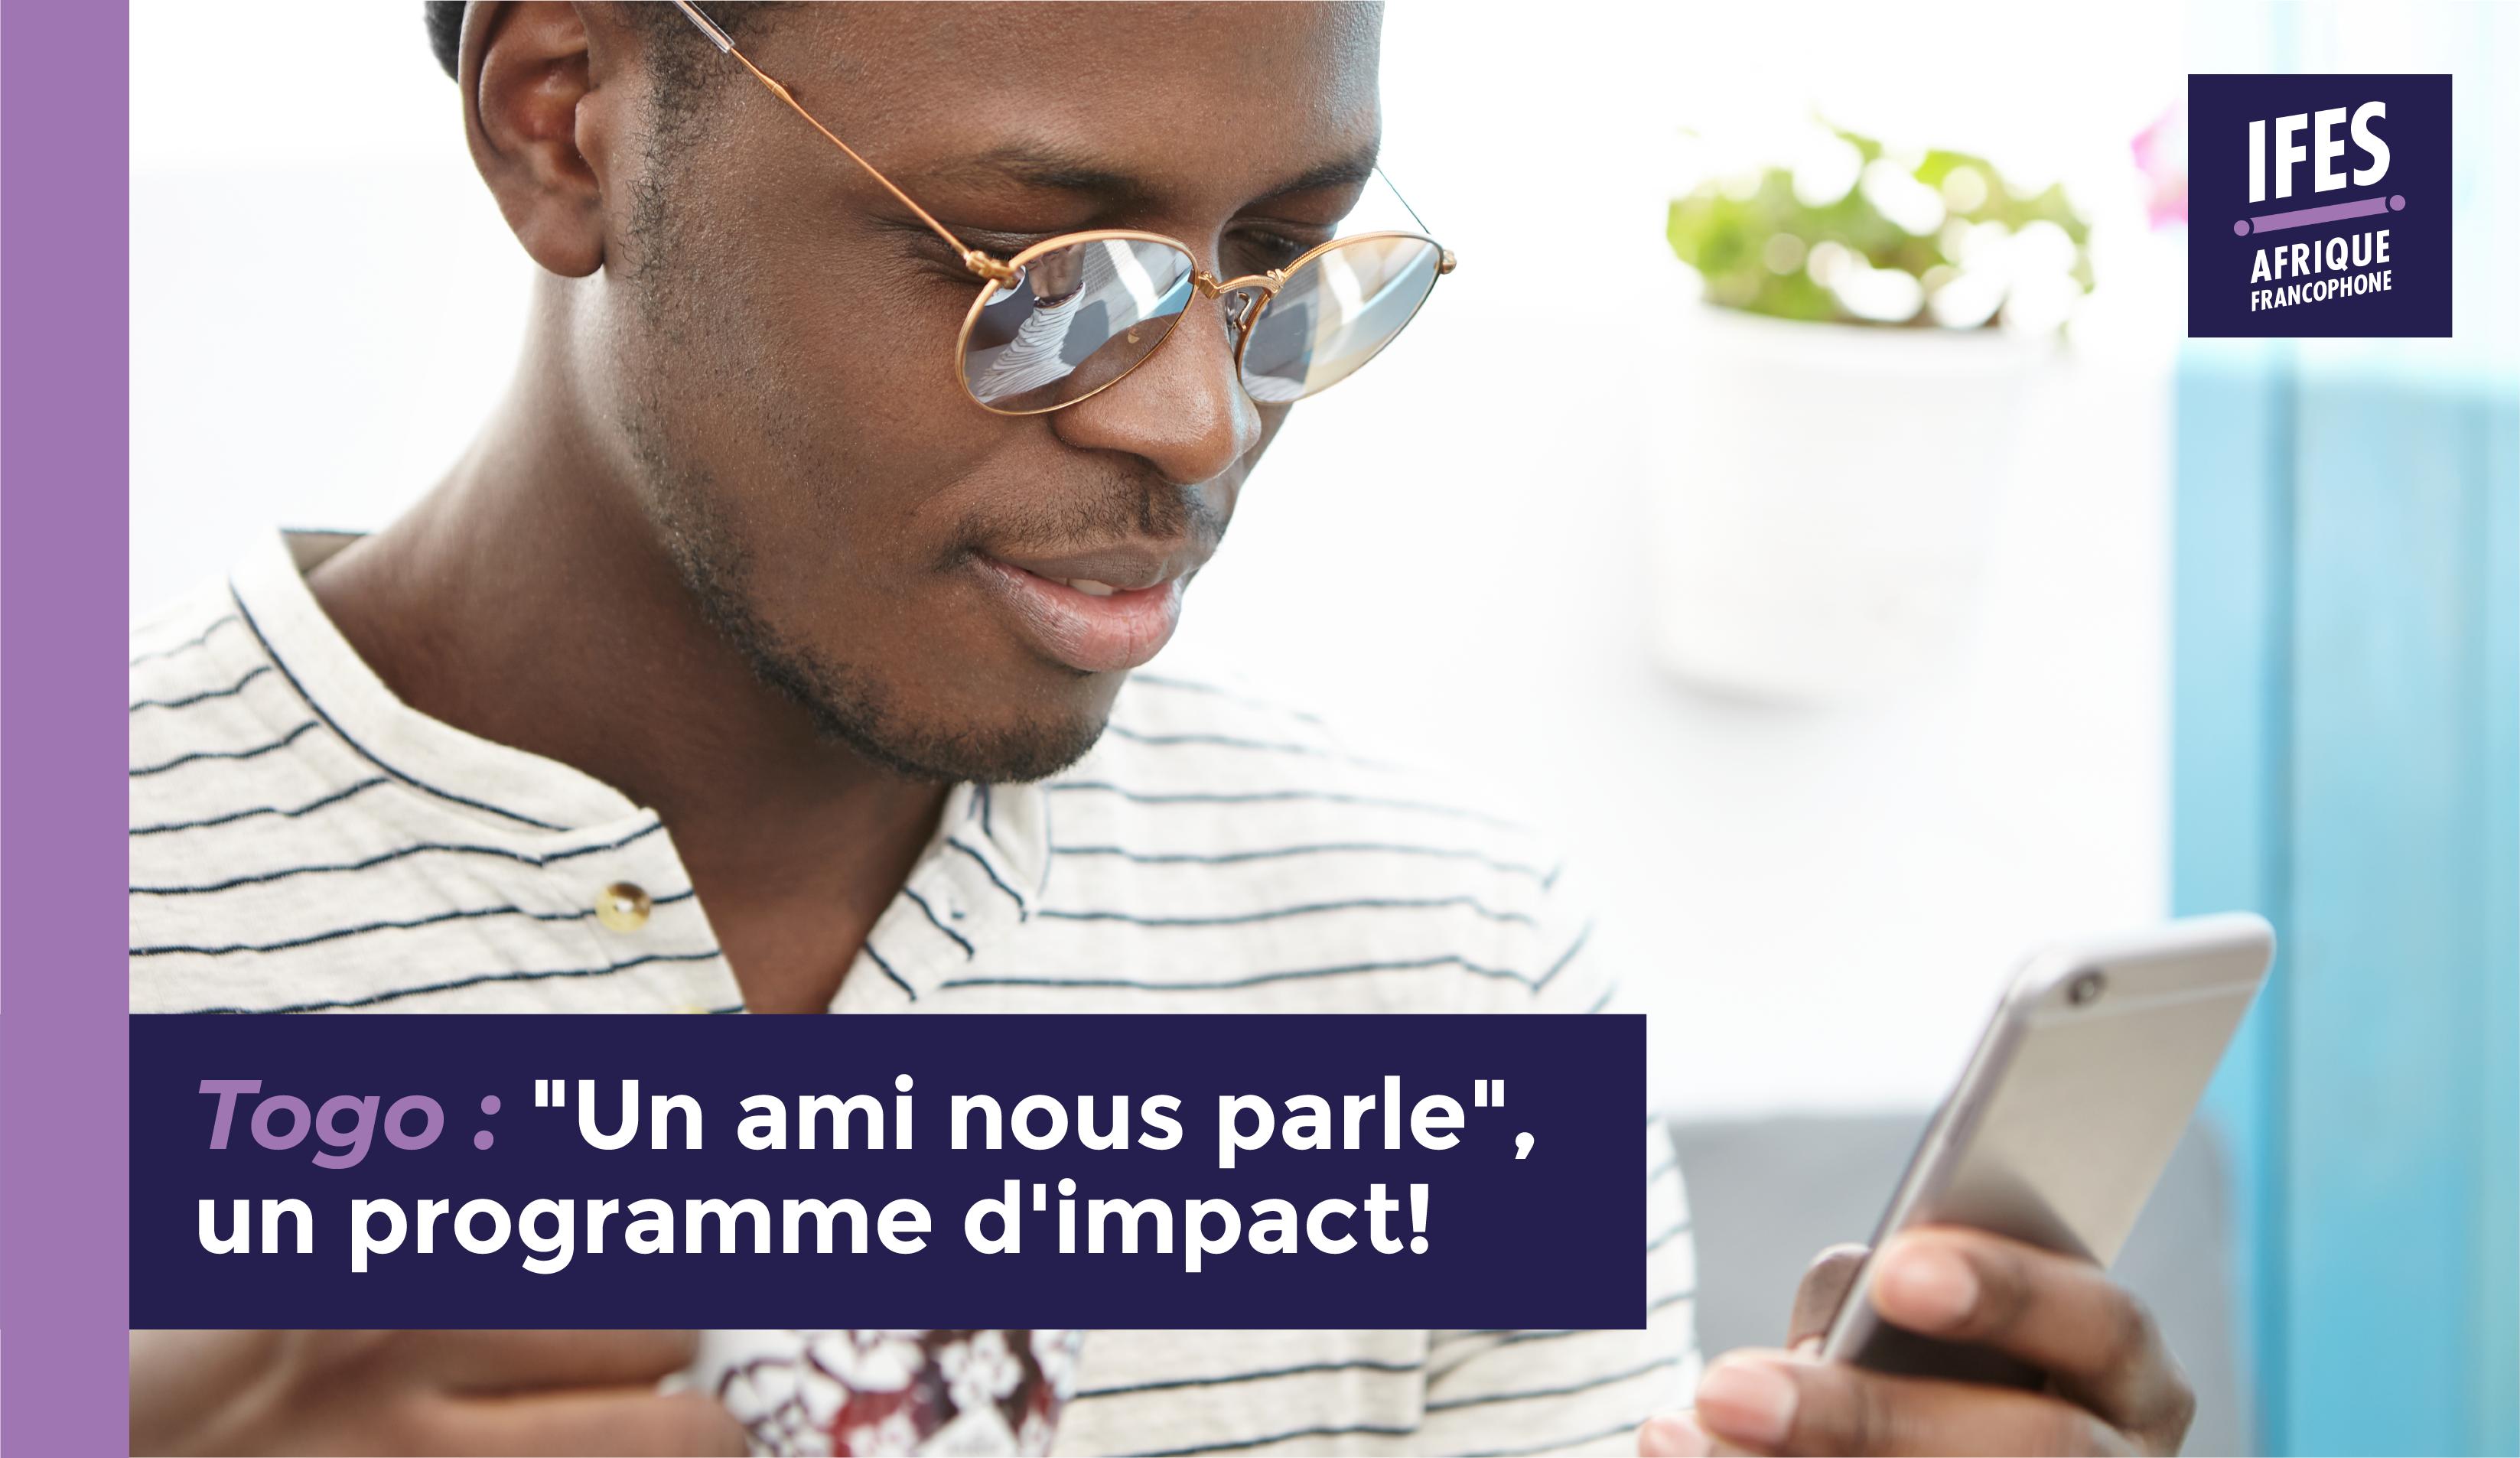 «Un ami nous parle», un programme d'impact!